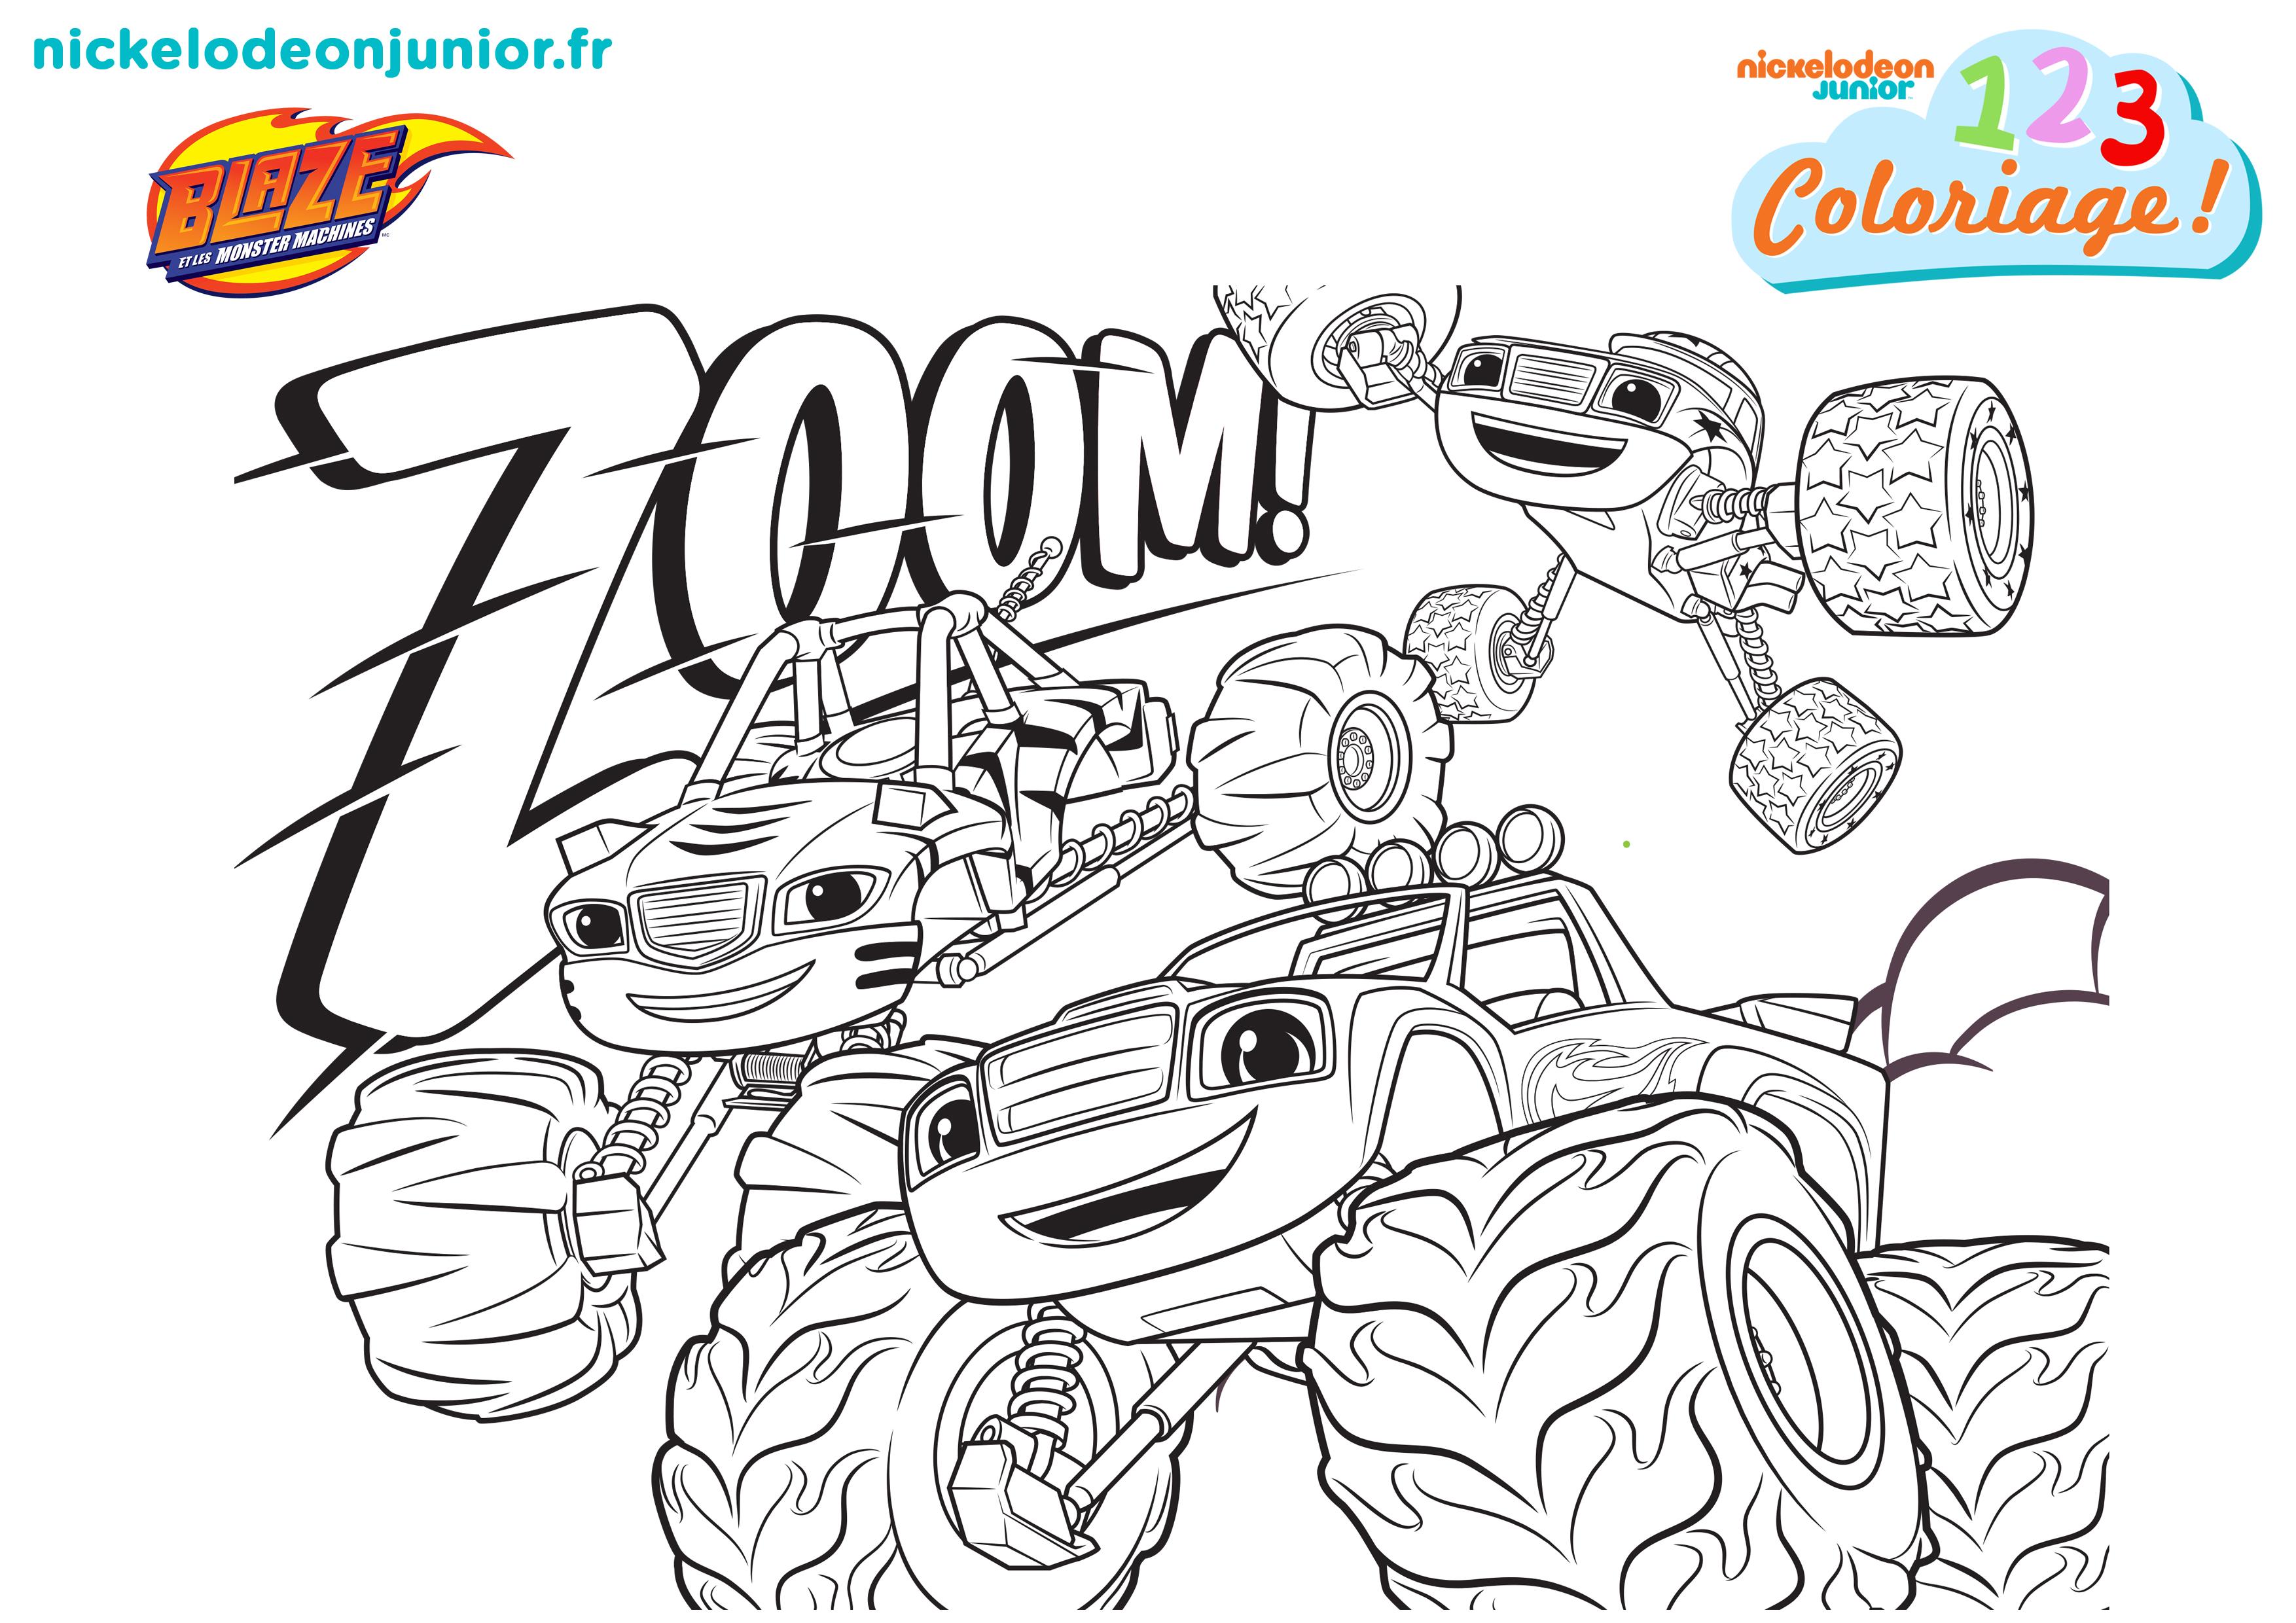 1 2 3 Coloriage Blaze Et Les Monster Machines A Toute Vitesse